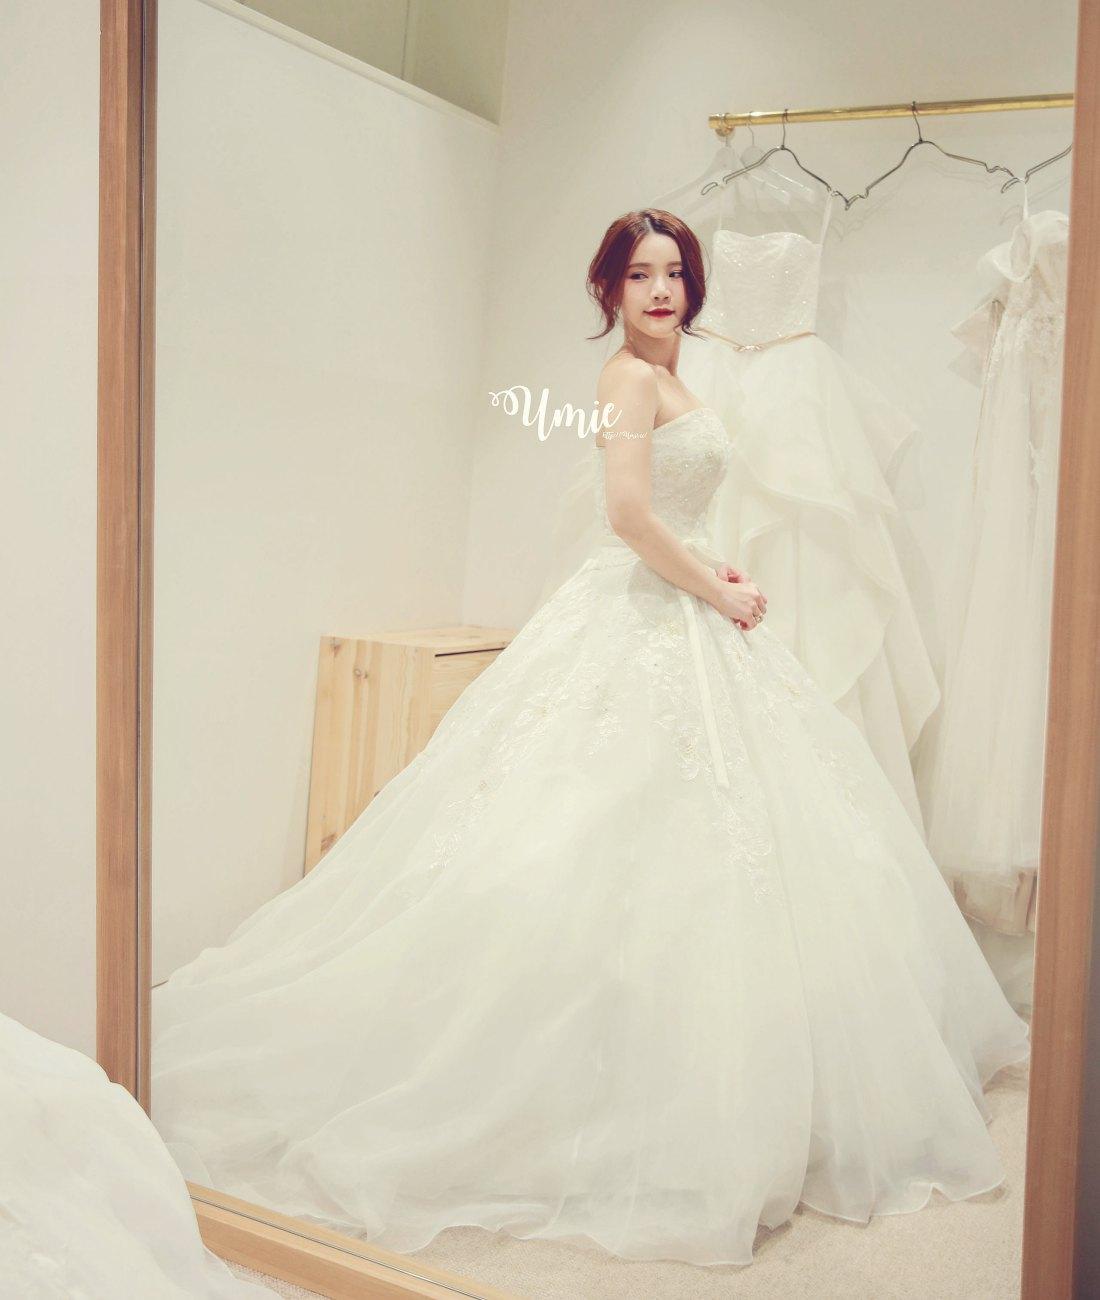 日本海外婚紗推薦 | 德可莉日本專業婚紗攝影| 我們的富士山婚紗,西式婚紗3套試穿! (Decollte Wedding Photography)